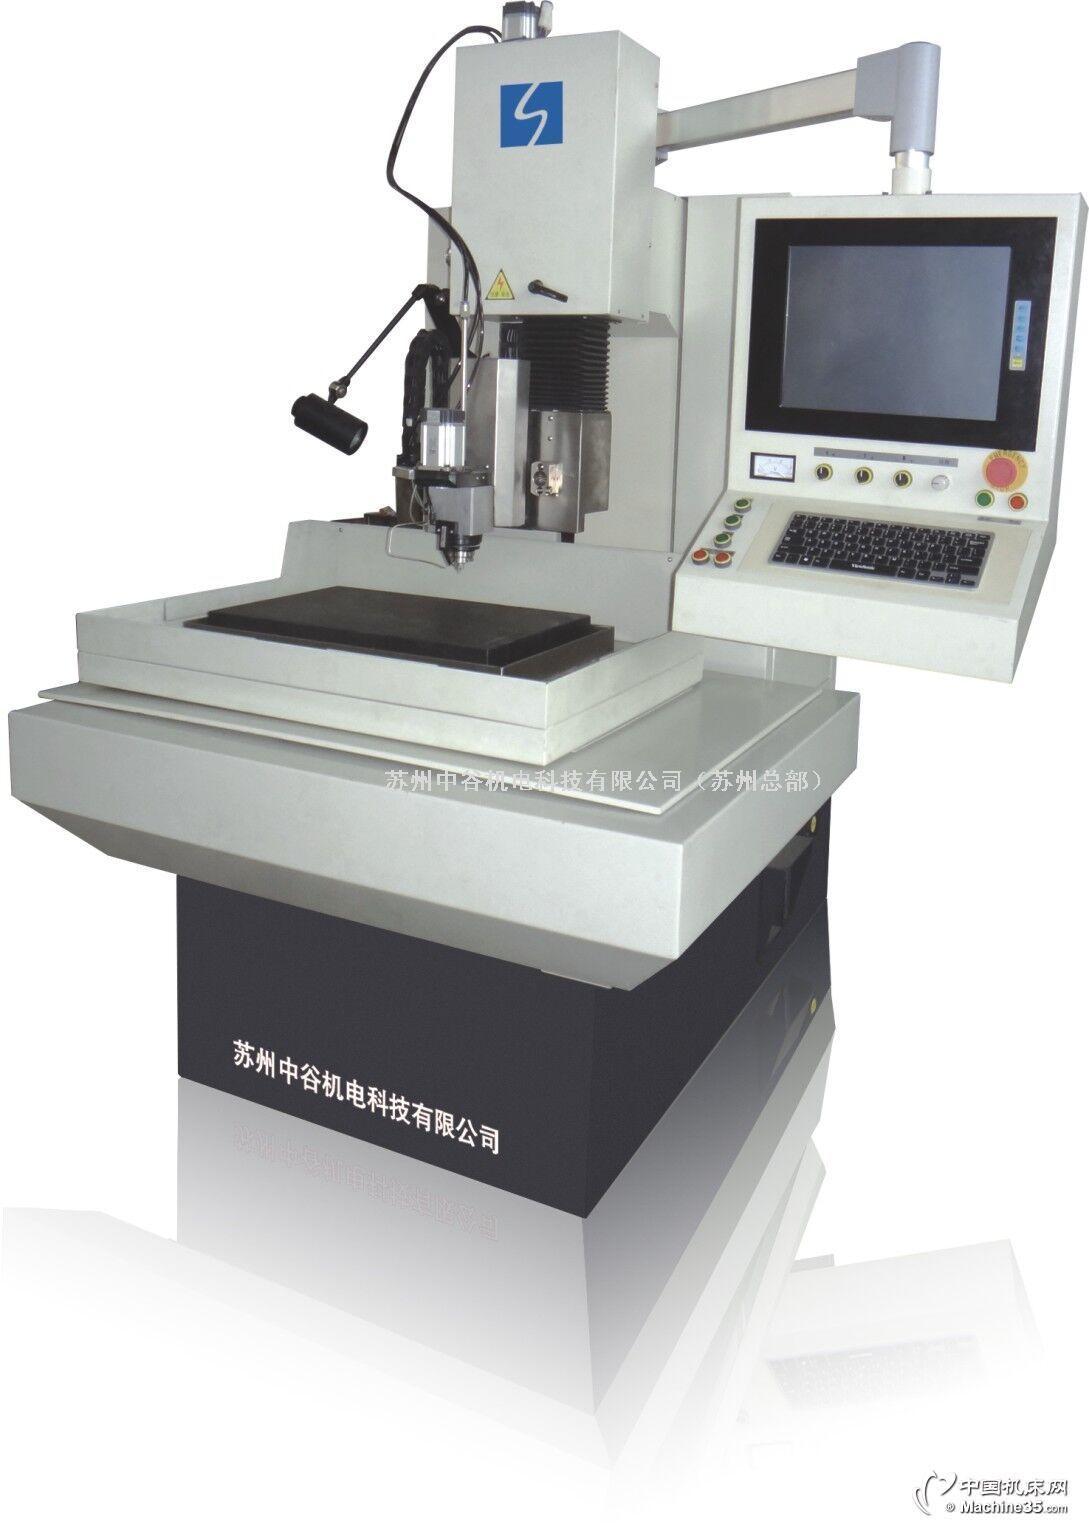 中谷电加工研究所微孔机 穿孔机